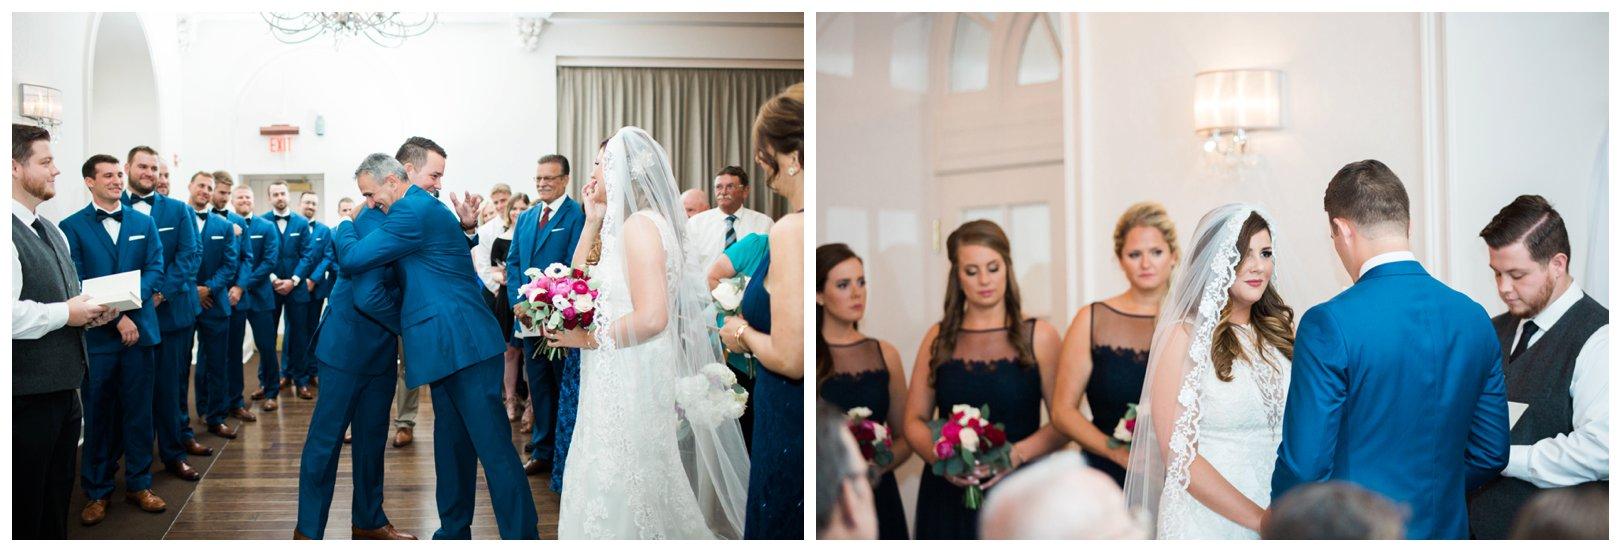 lauren muckler photography_fine art film wedding photography_st louis_photography_1199.jpg